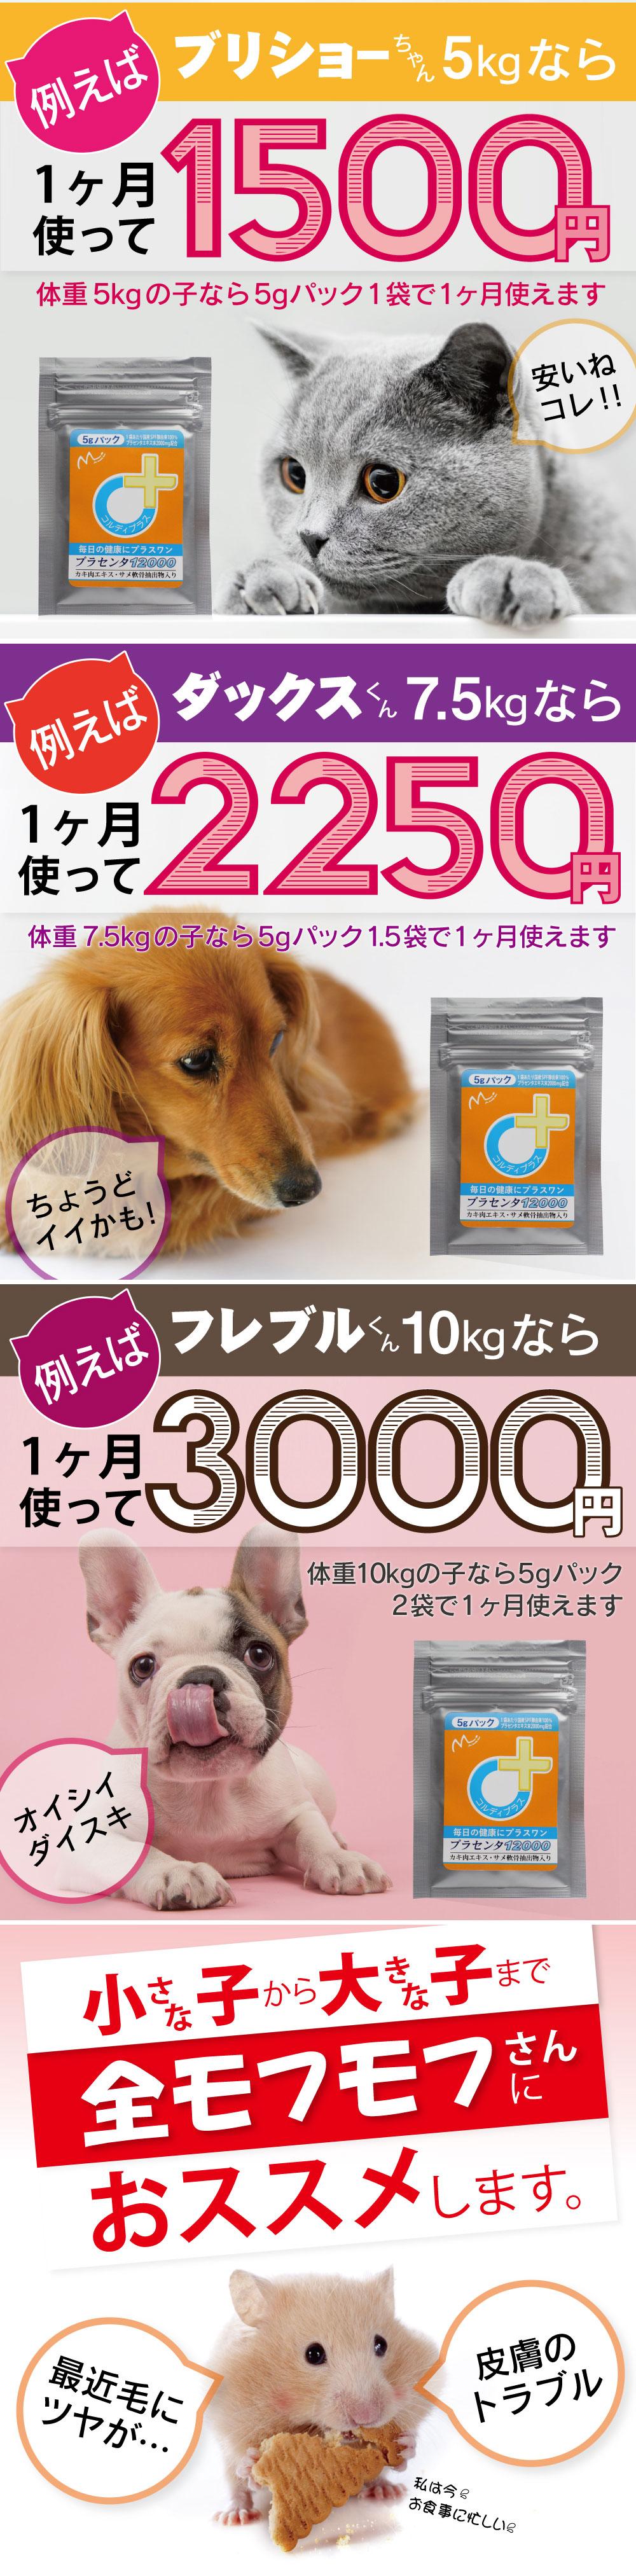 プラセンタ12000は5つの成分で犬・猫たちの肝臓や皮膚を守ります。